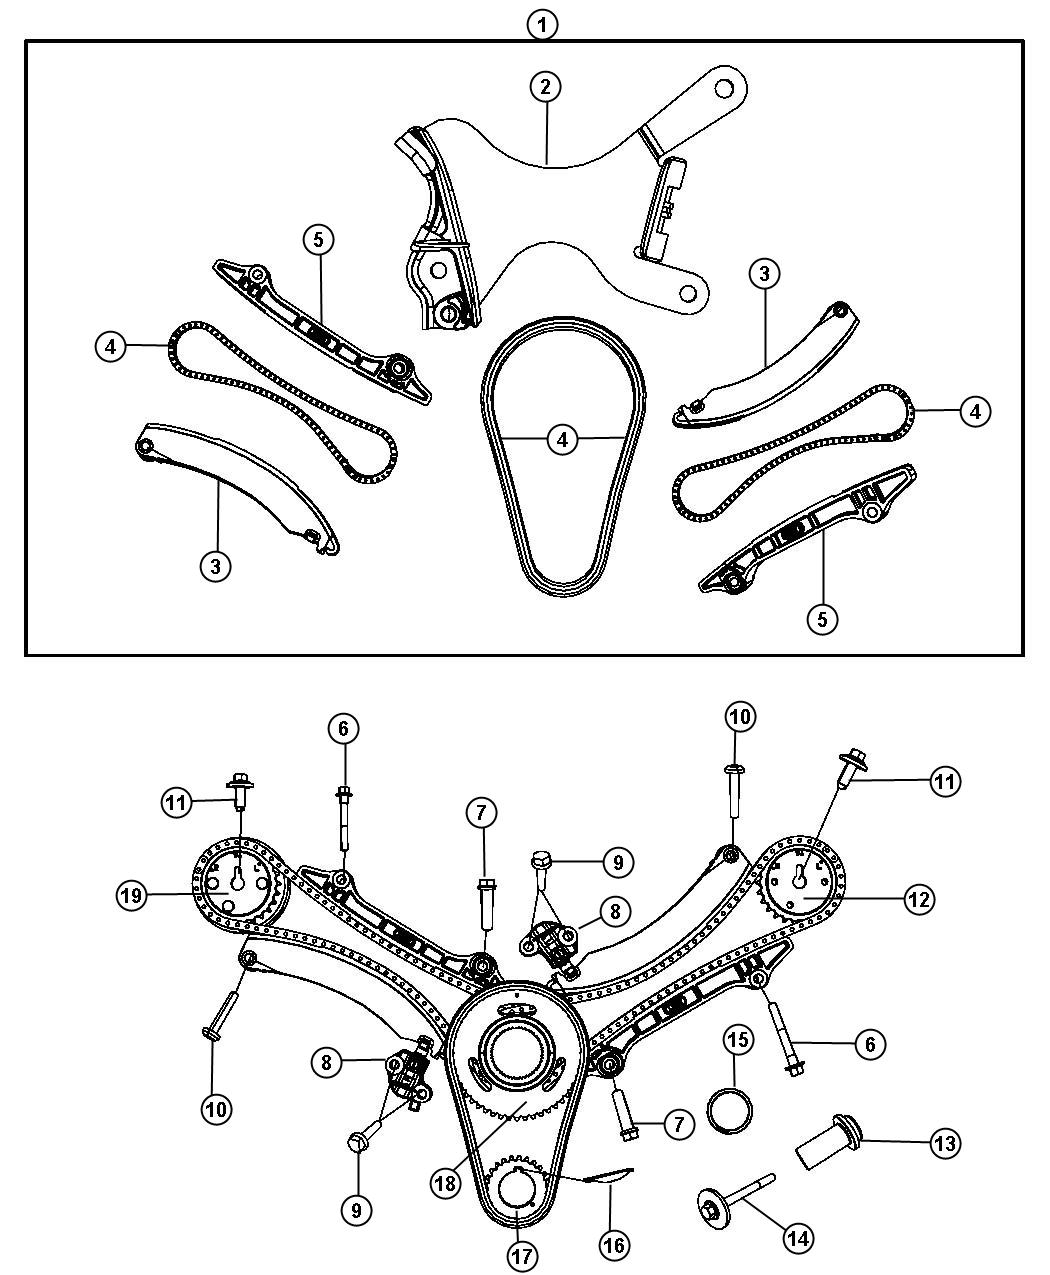 1994 Toyota Celica Timing Marks Com